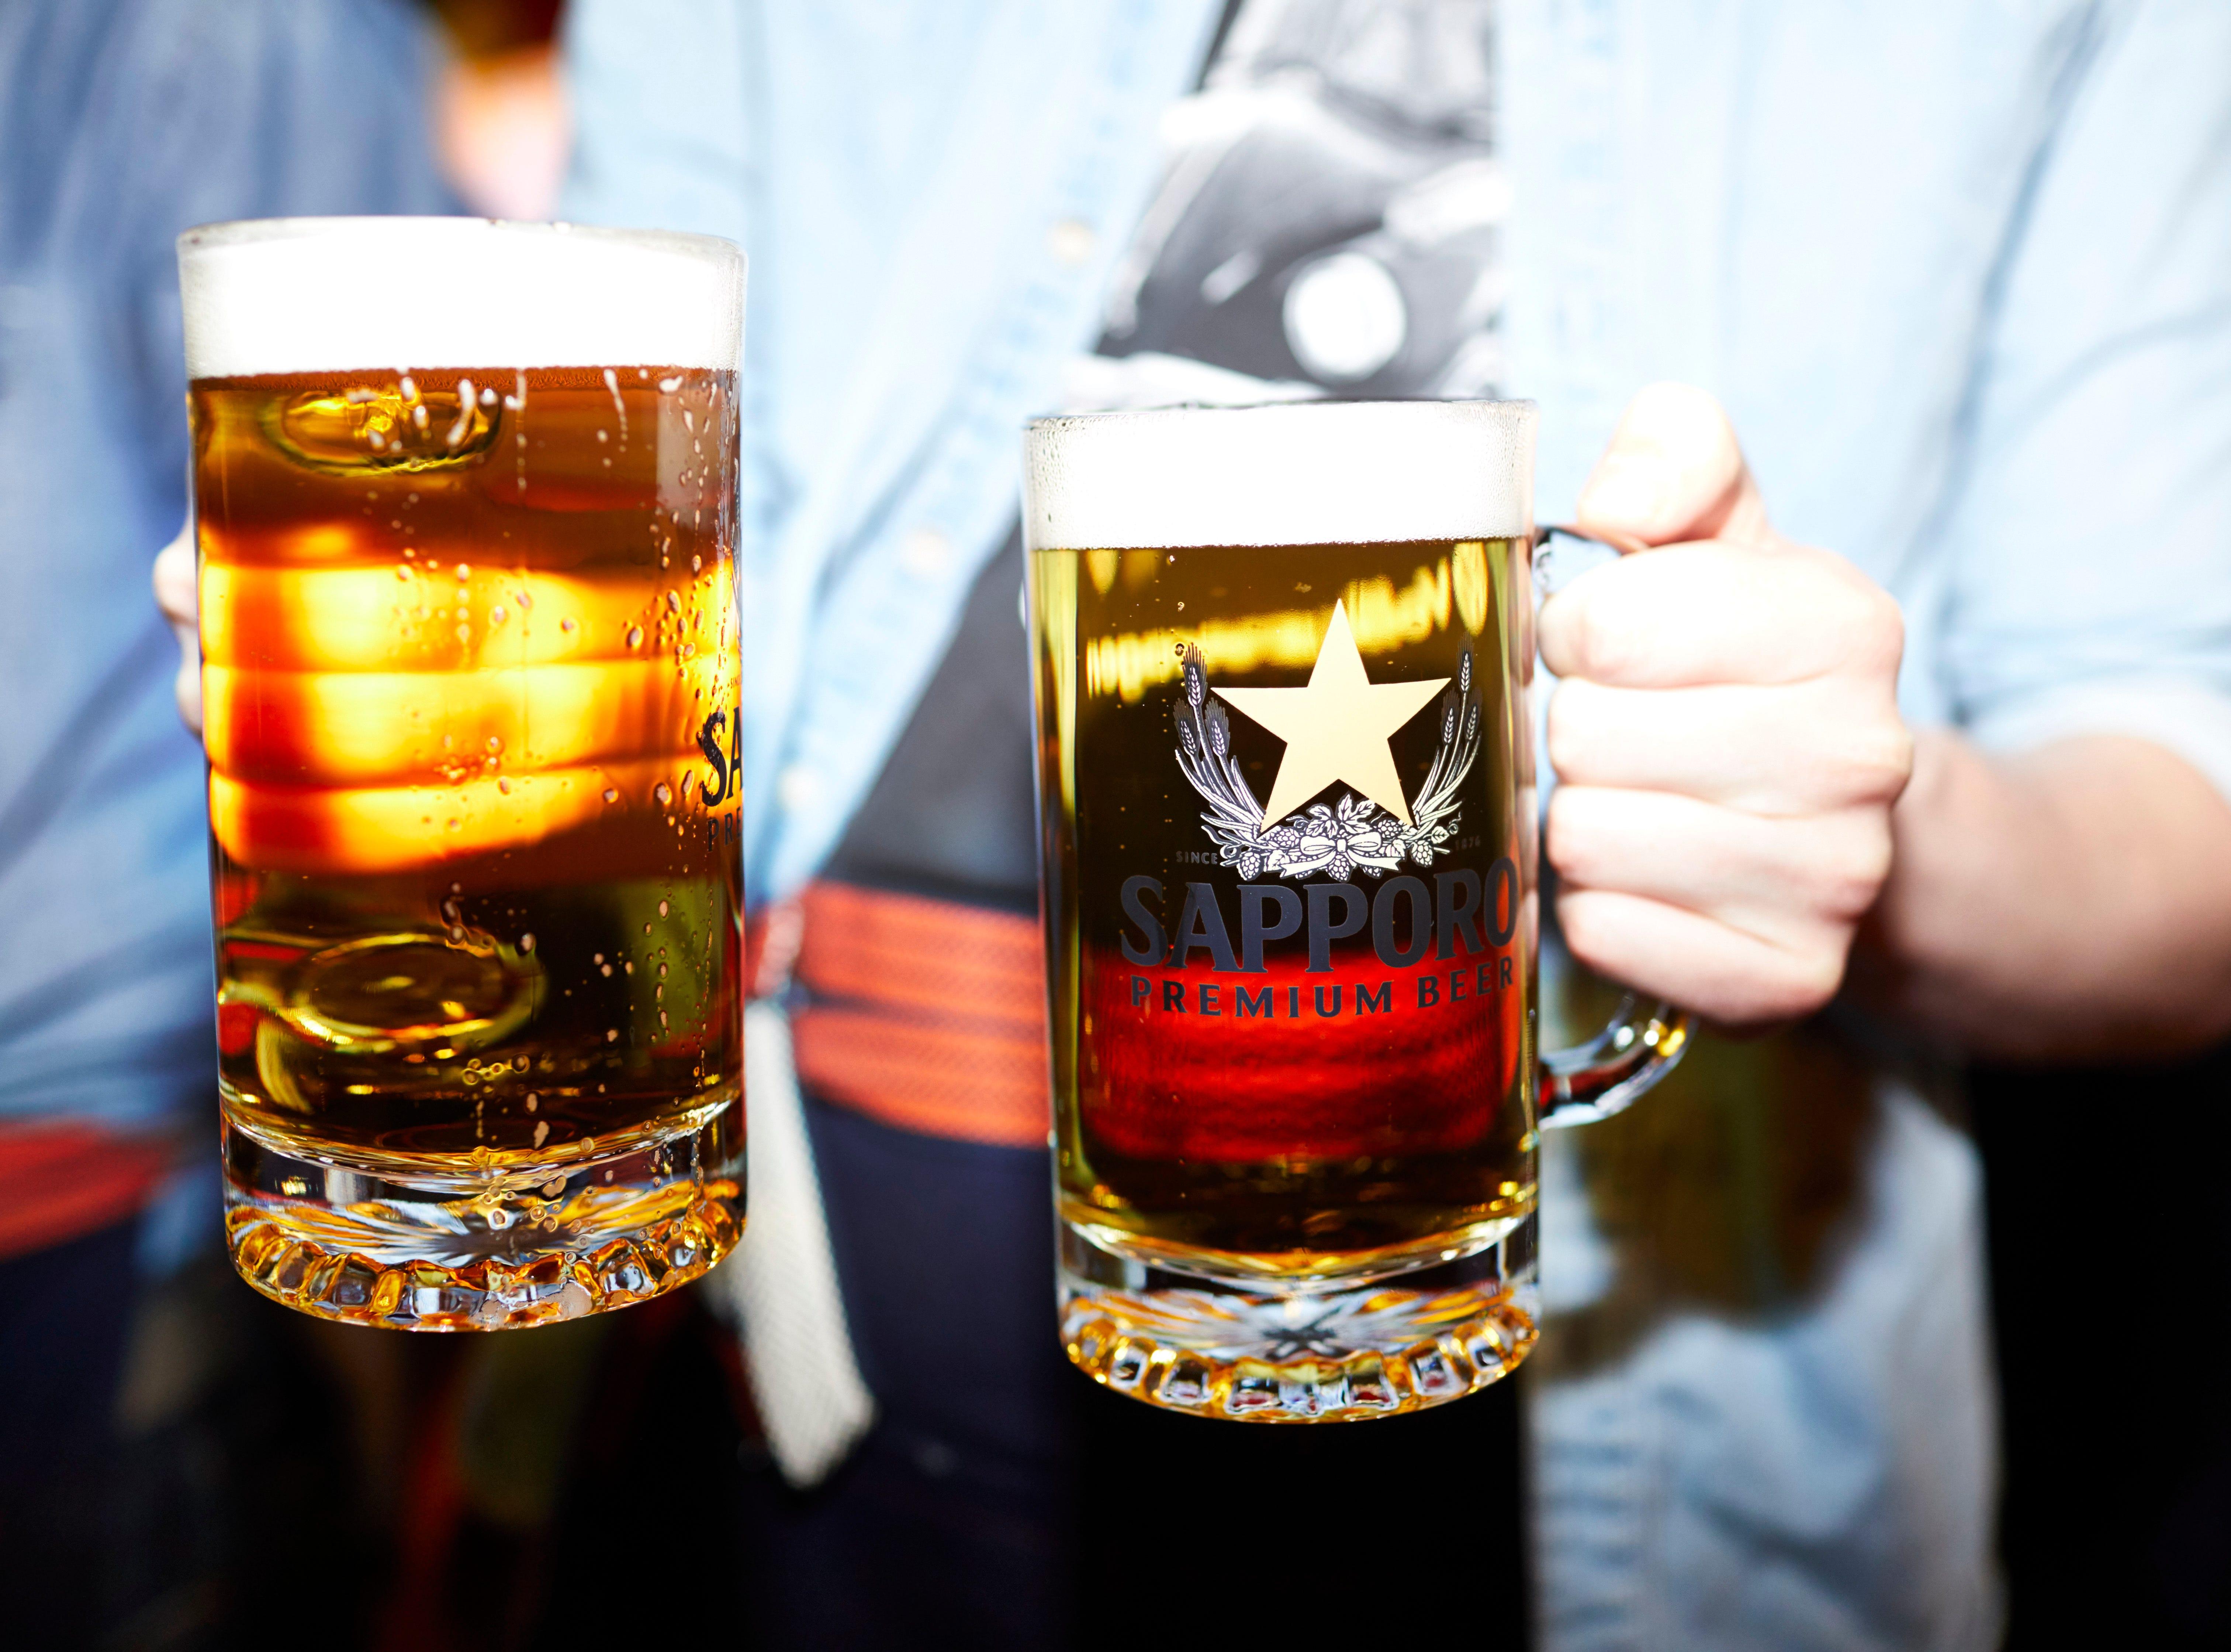 Mugs of Sapporo beer at Bar Otaku.